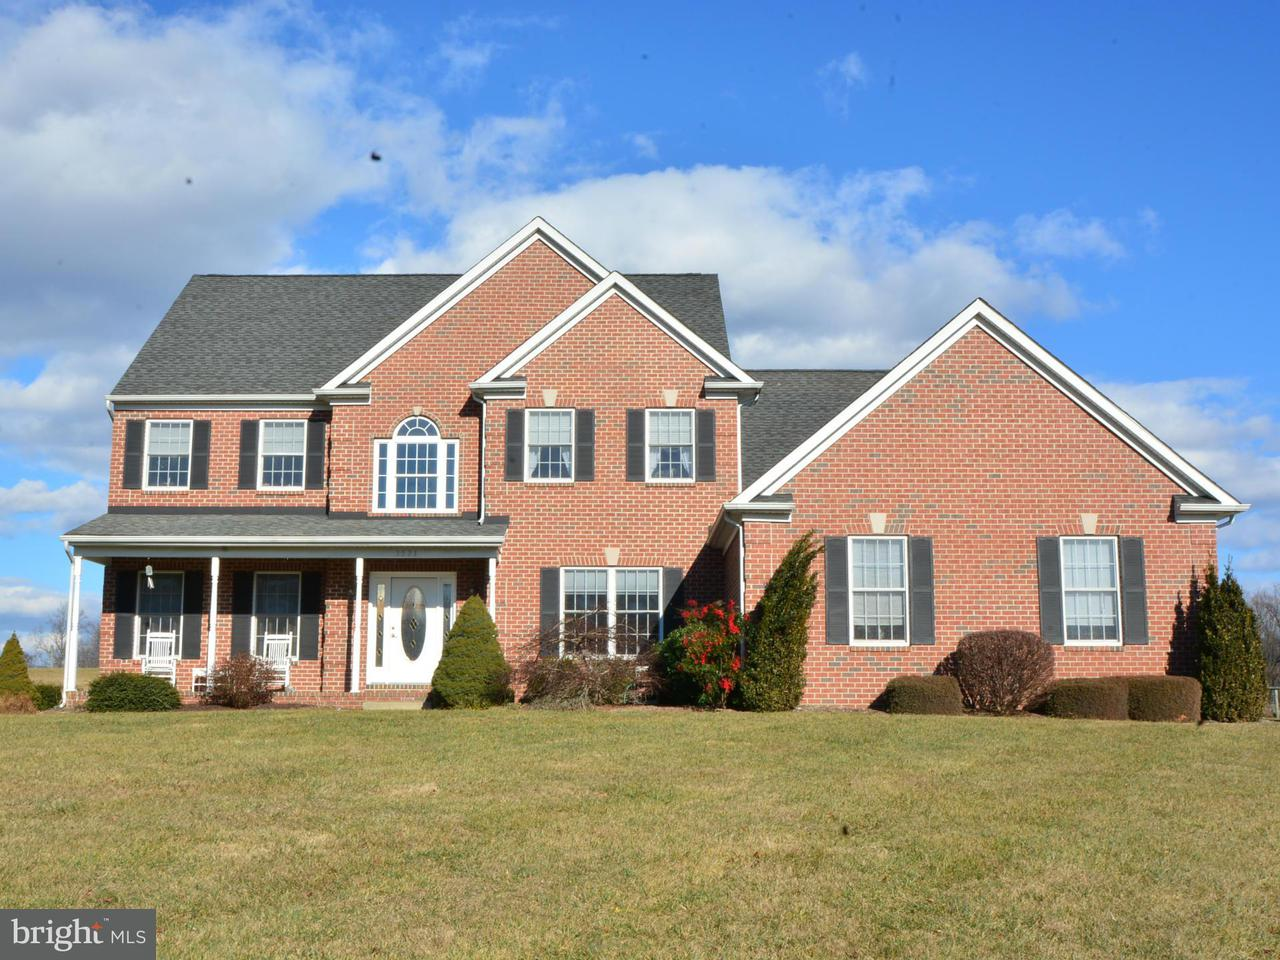 一戸建て のために 売買 アット 3531 ANDERSON Lane 3531 ANDERSON Lane Jarrettsville, メリーランド 21084 アメリカ合衆国